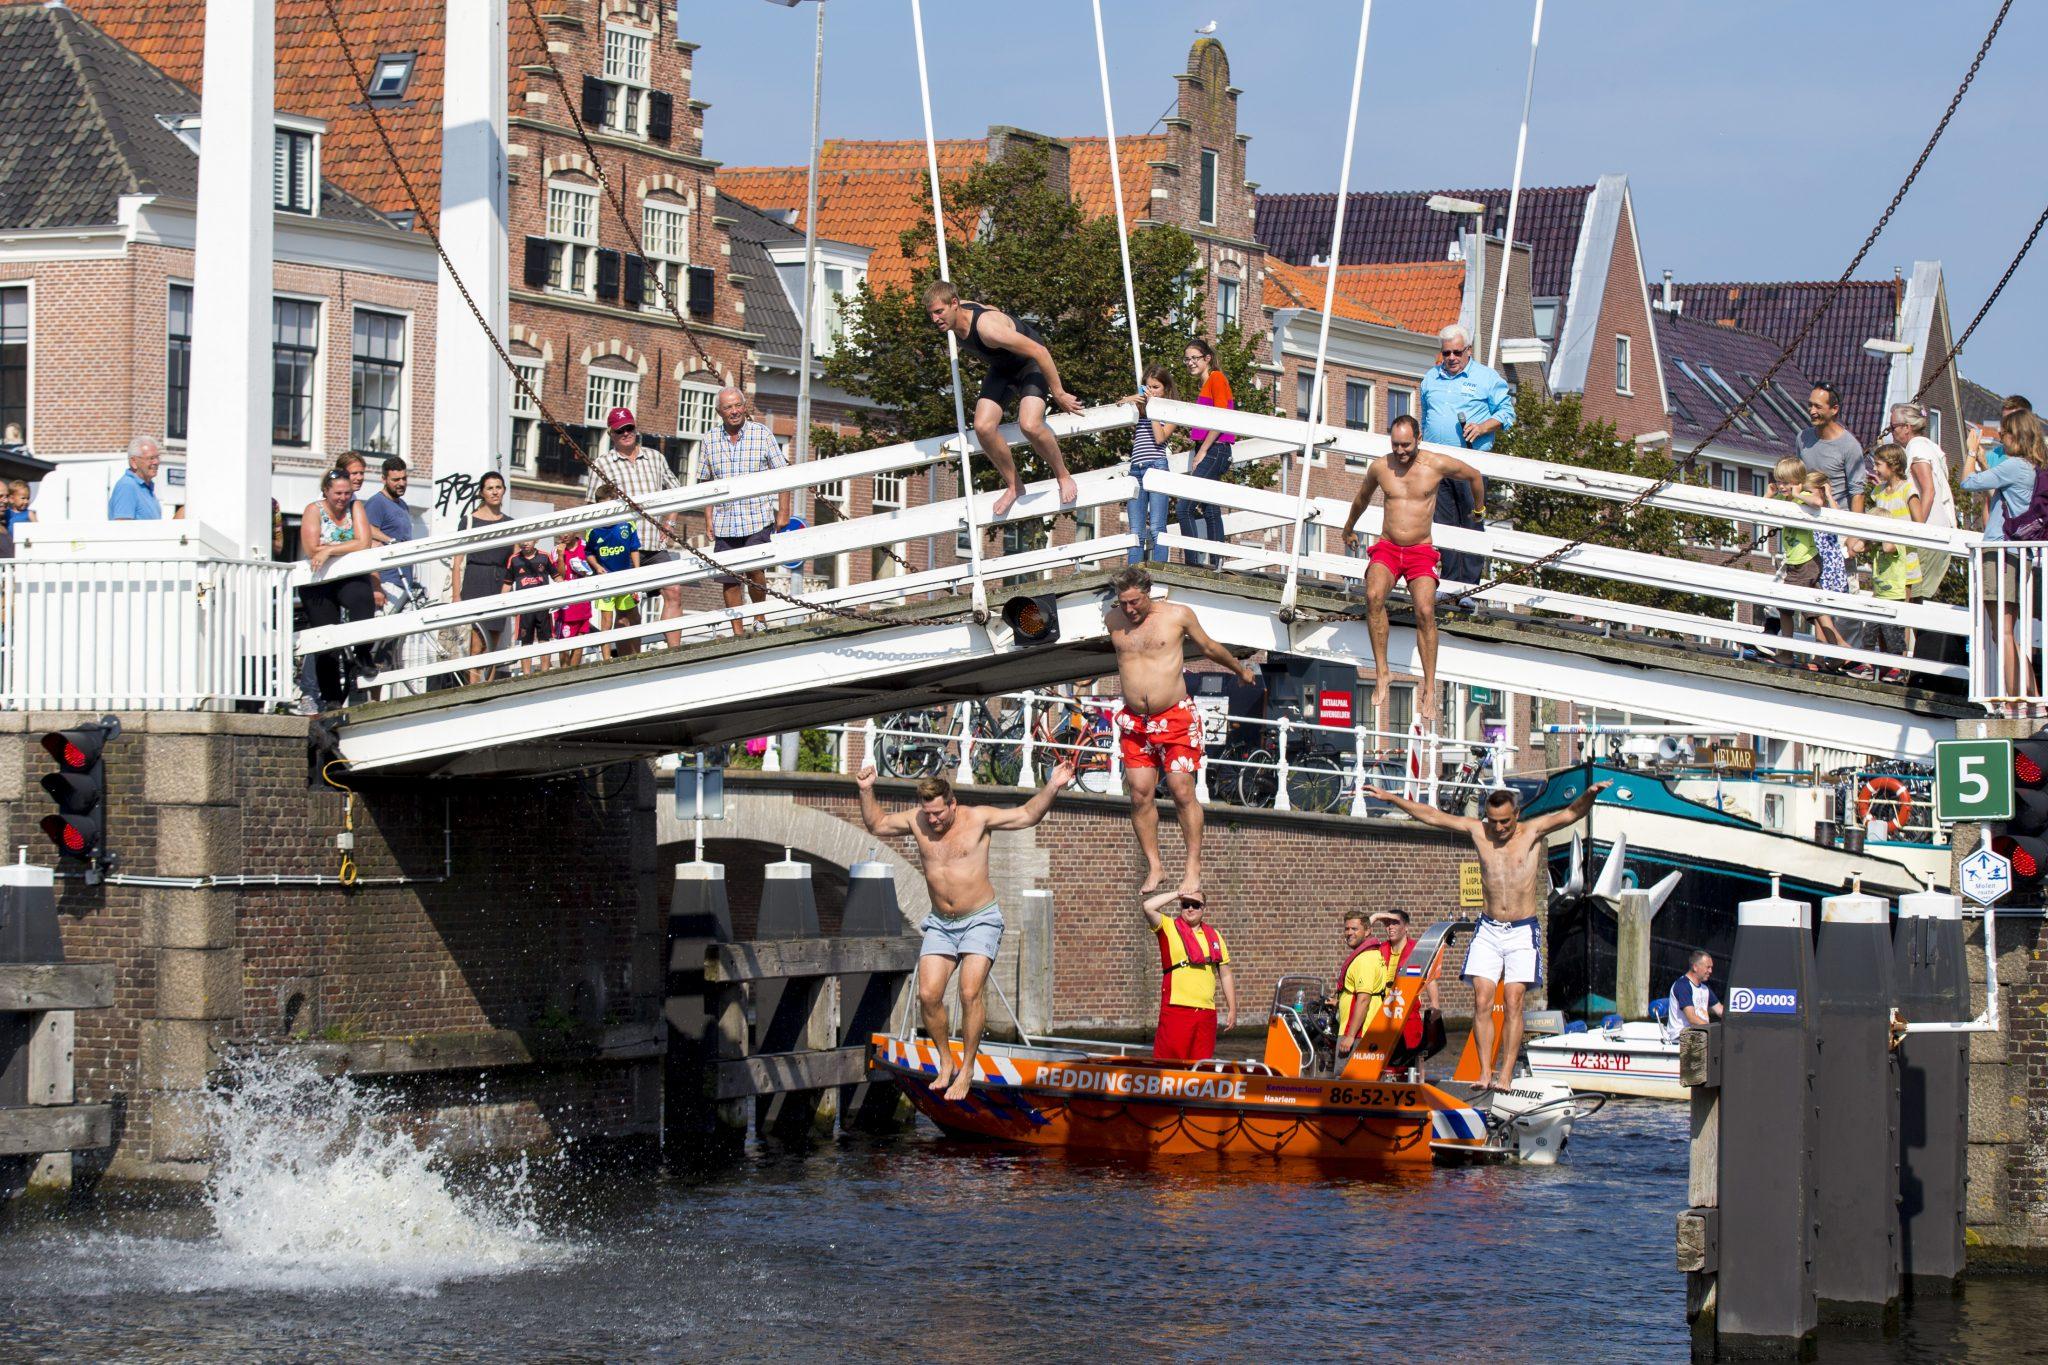 Communicatie watersportevenement - Burgemeester Haarlem springt Spaarne in voor goed doel- Aftrap Swim to Fight Cancer in Haarlem. Foto Michel van Bergen